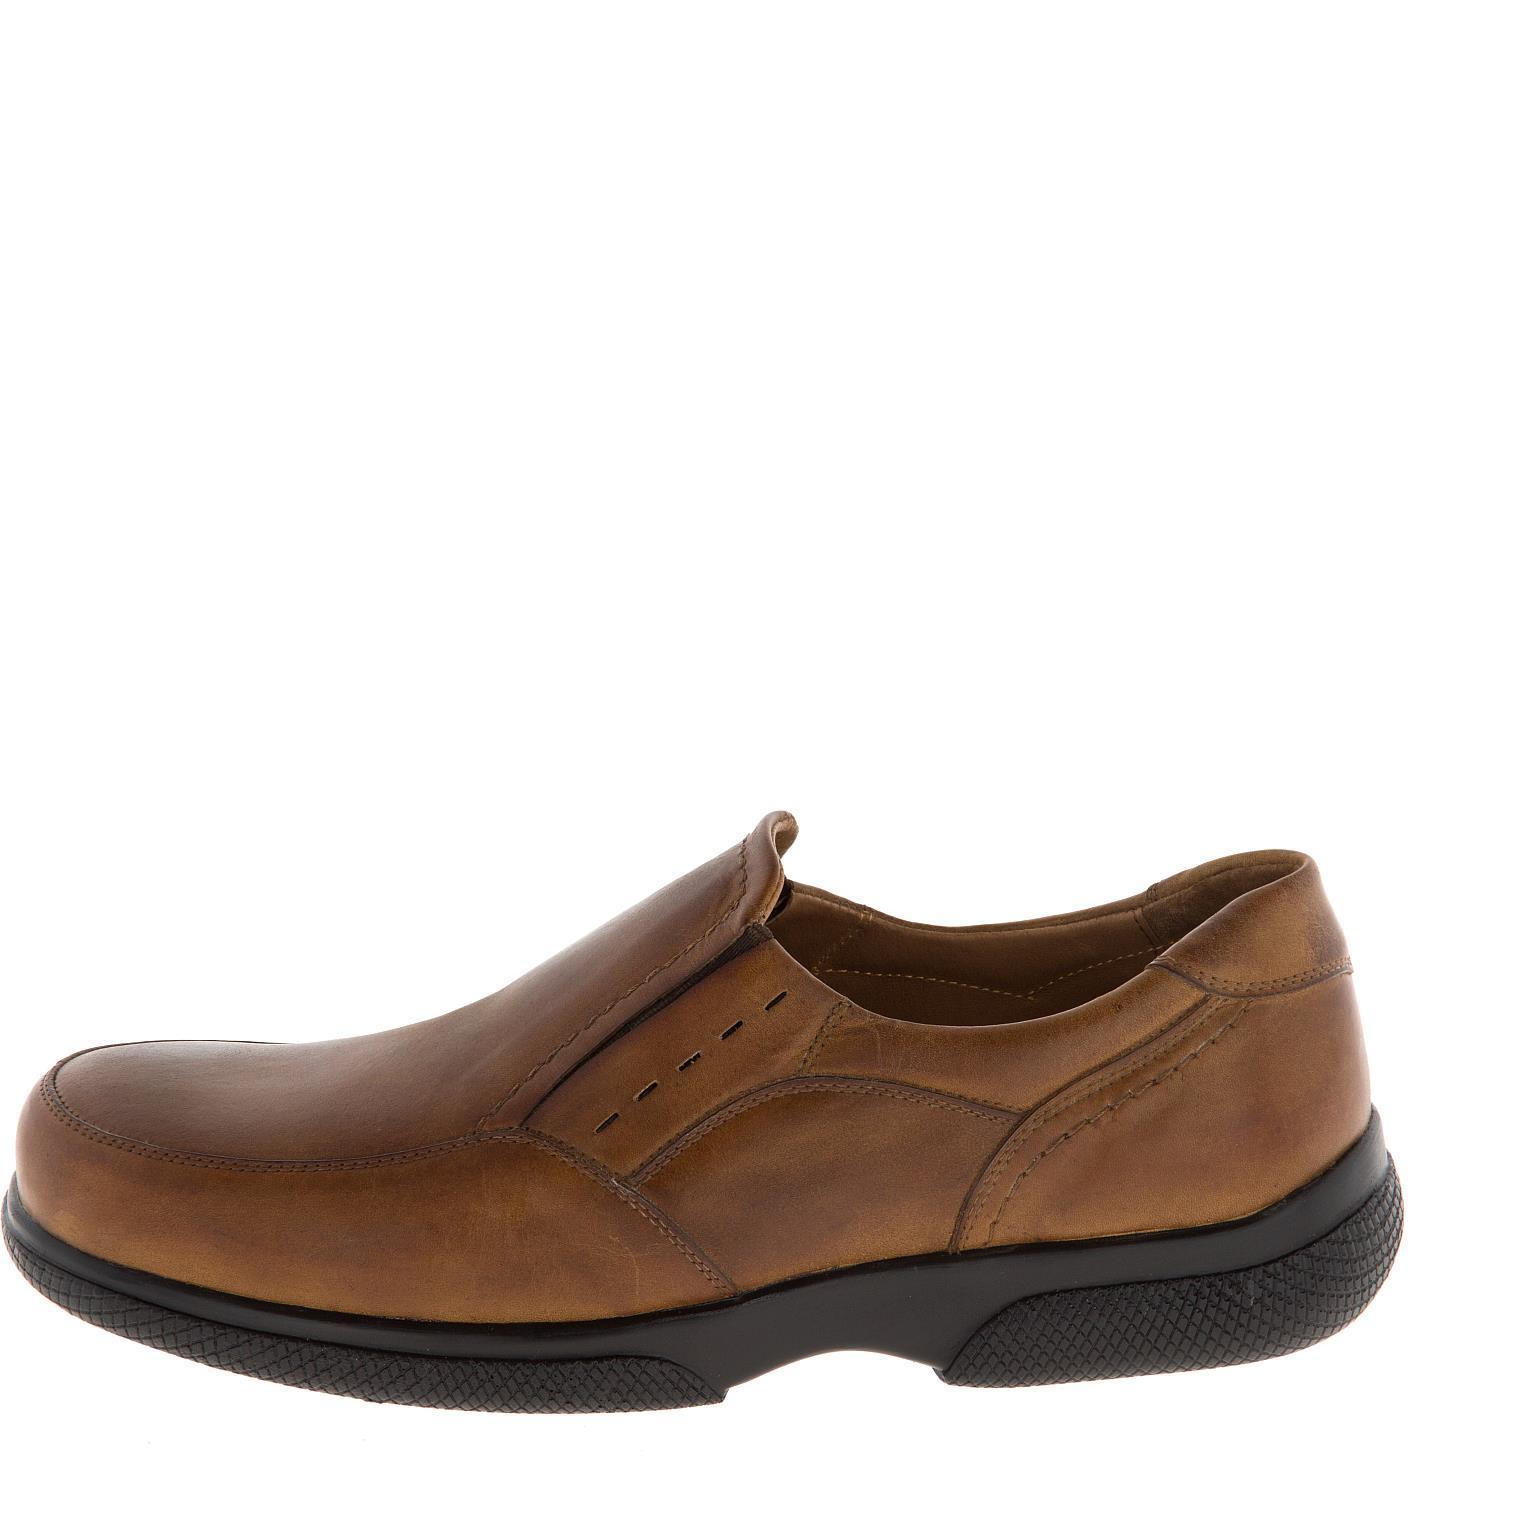 582367 полуботинки мужские коричневые больших размеров марки Делфино